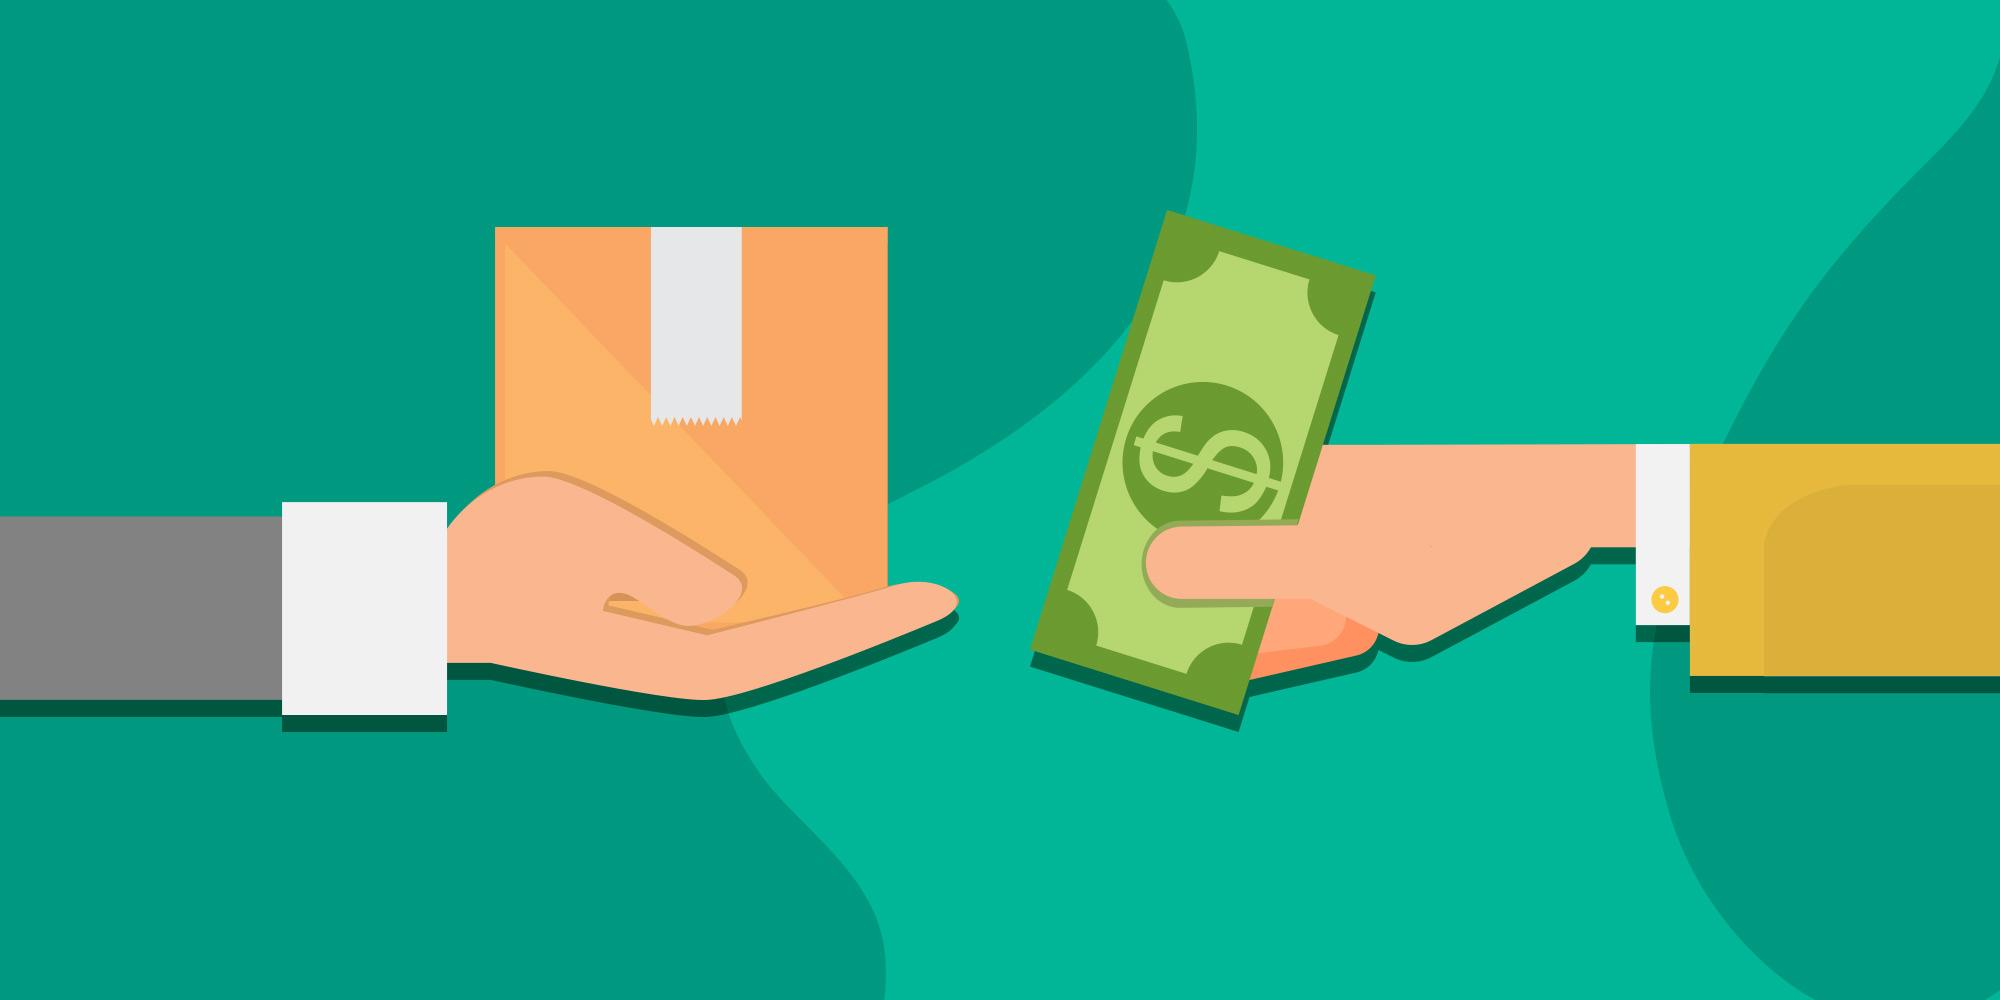 امکان پرداخت در محل در لندینگ پیج فروشگاه آنلاین